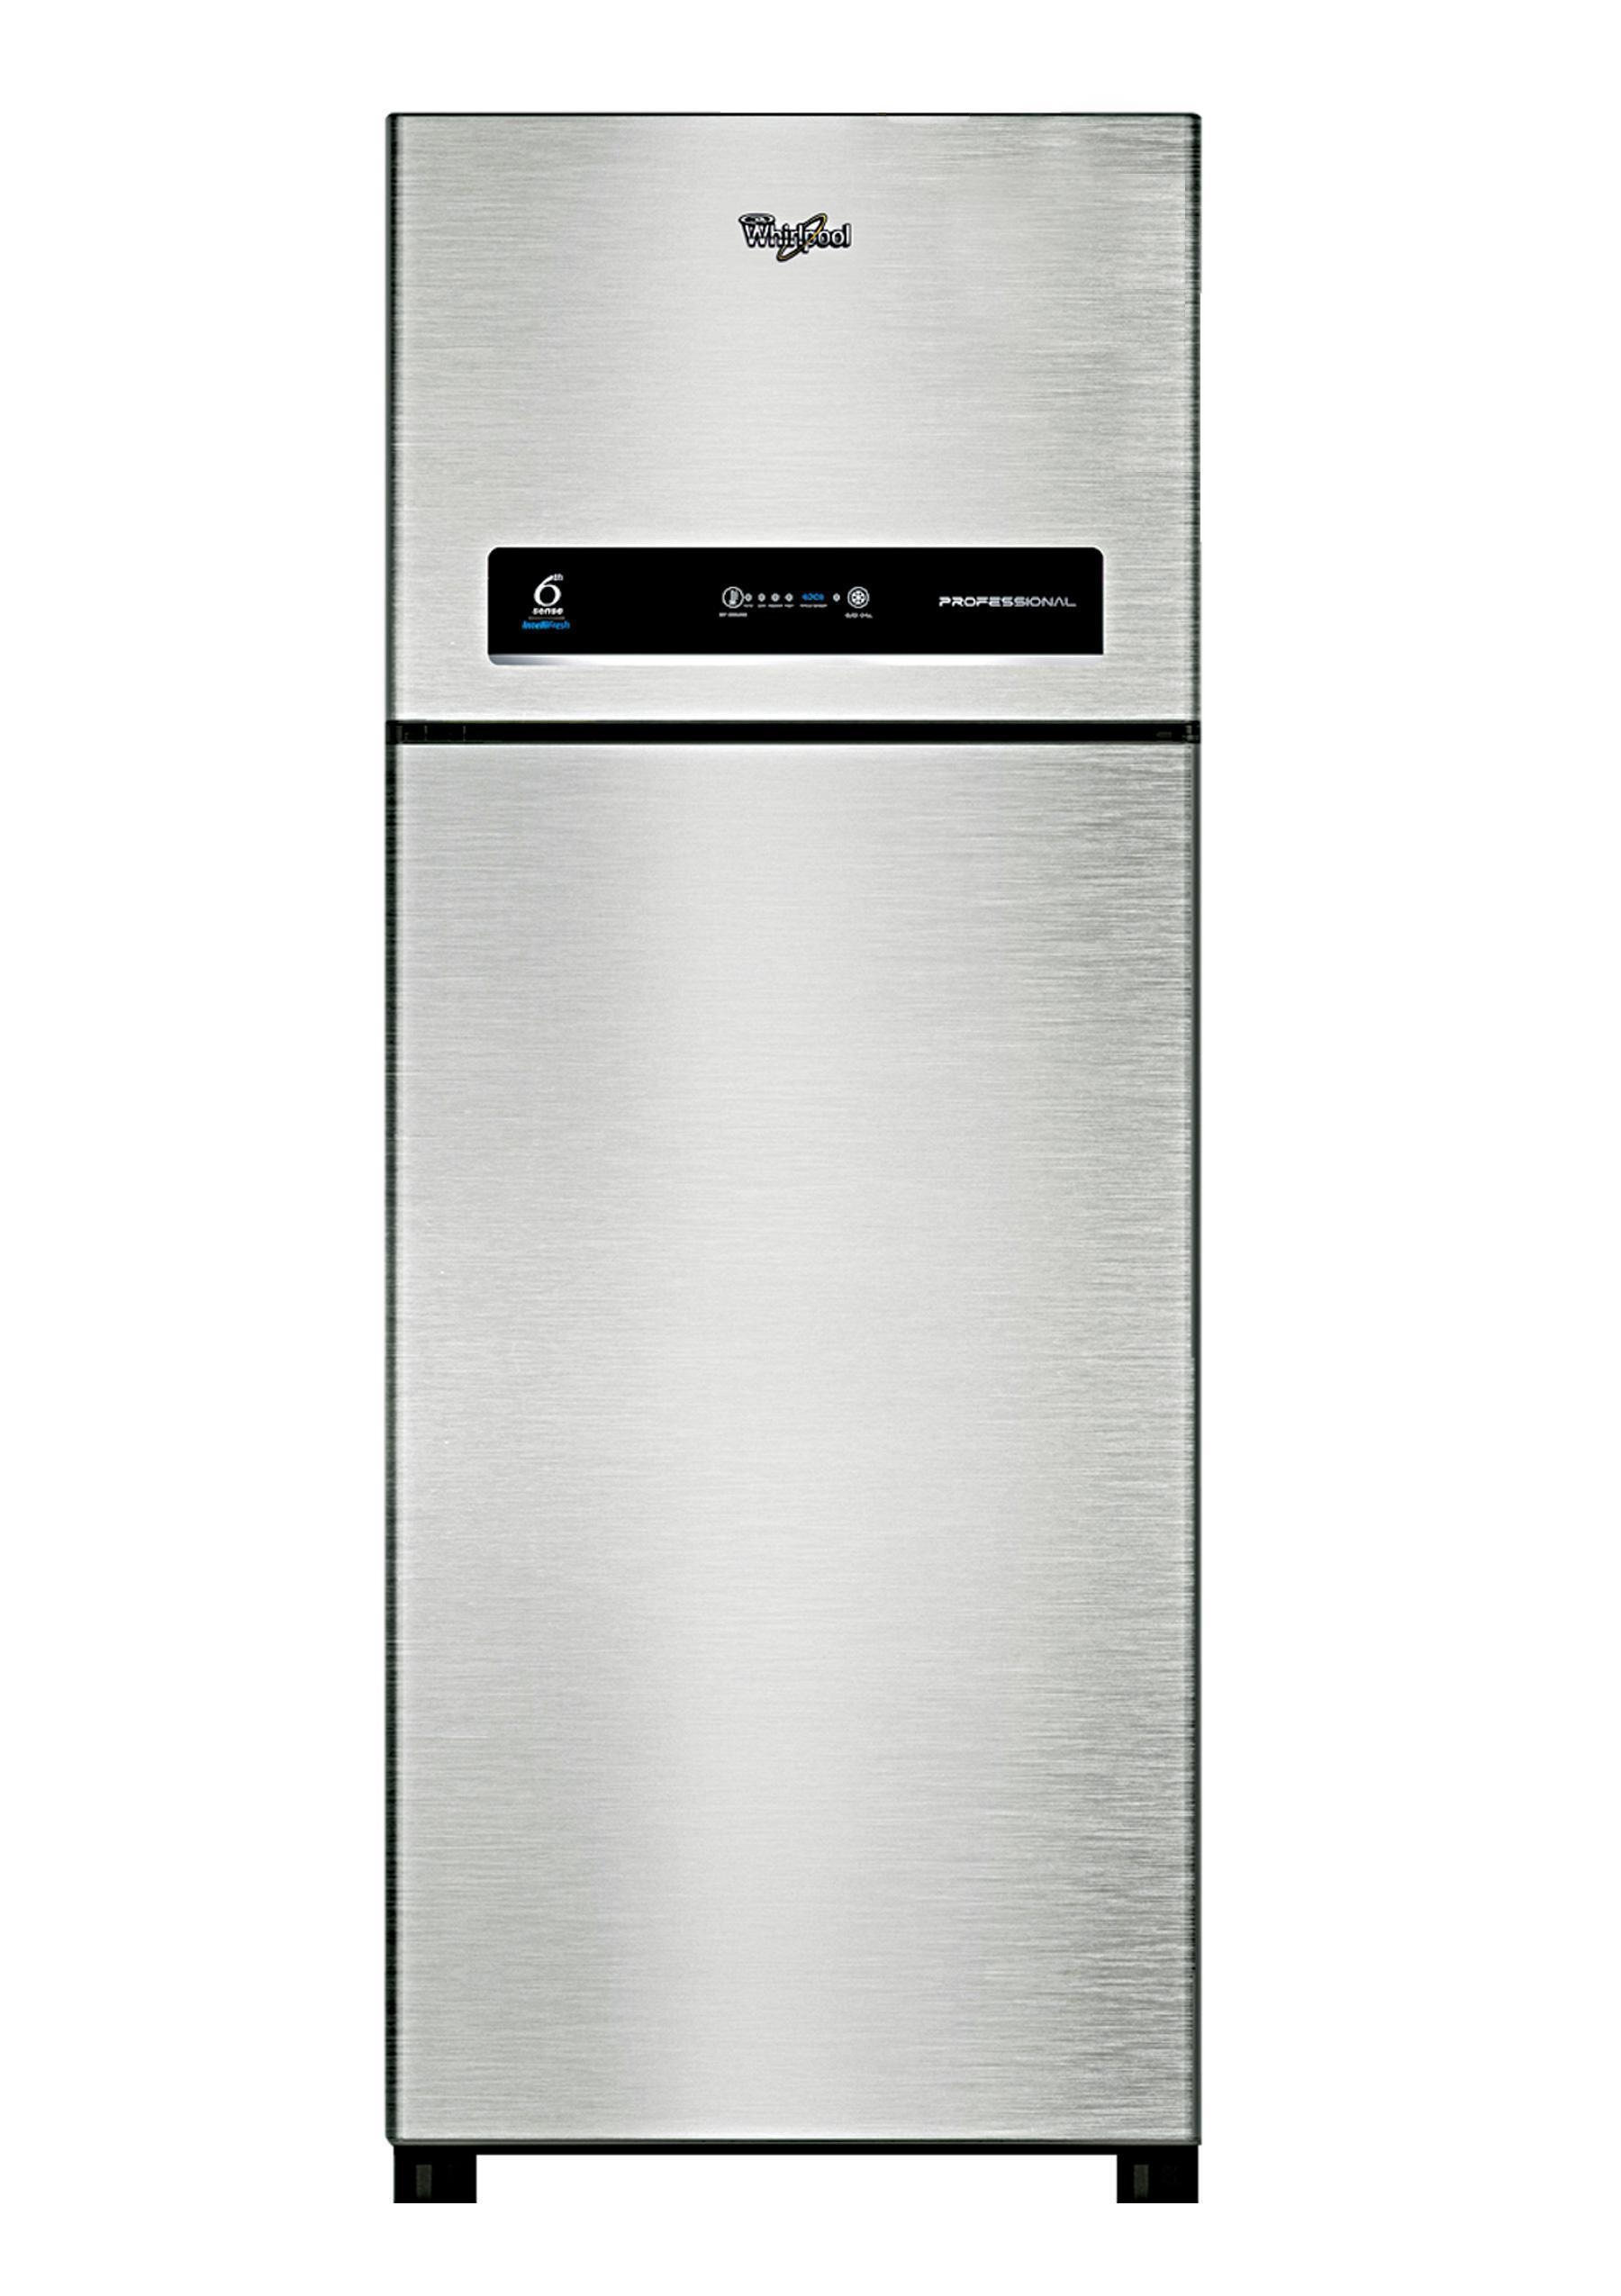 Whirlpool PRO 375 ELT 4S 360 L Double Door Refrigerator Image